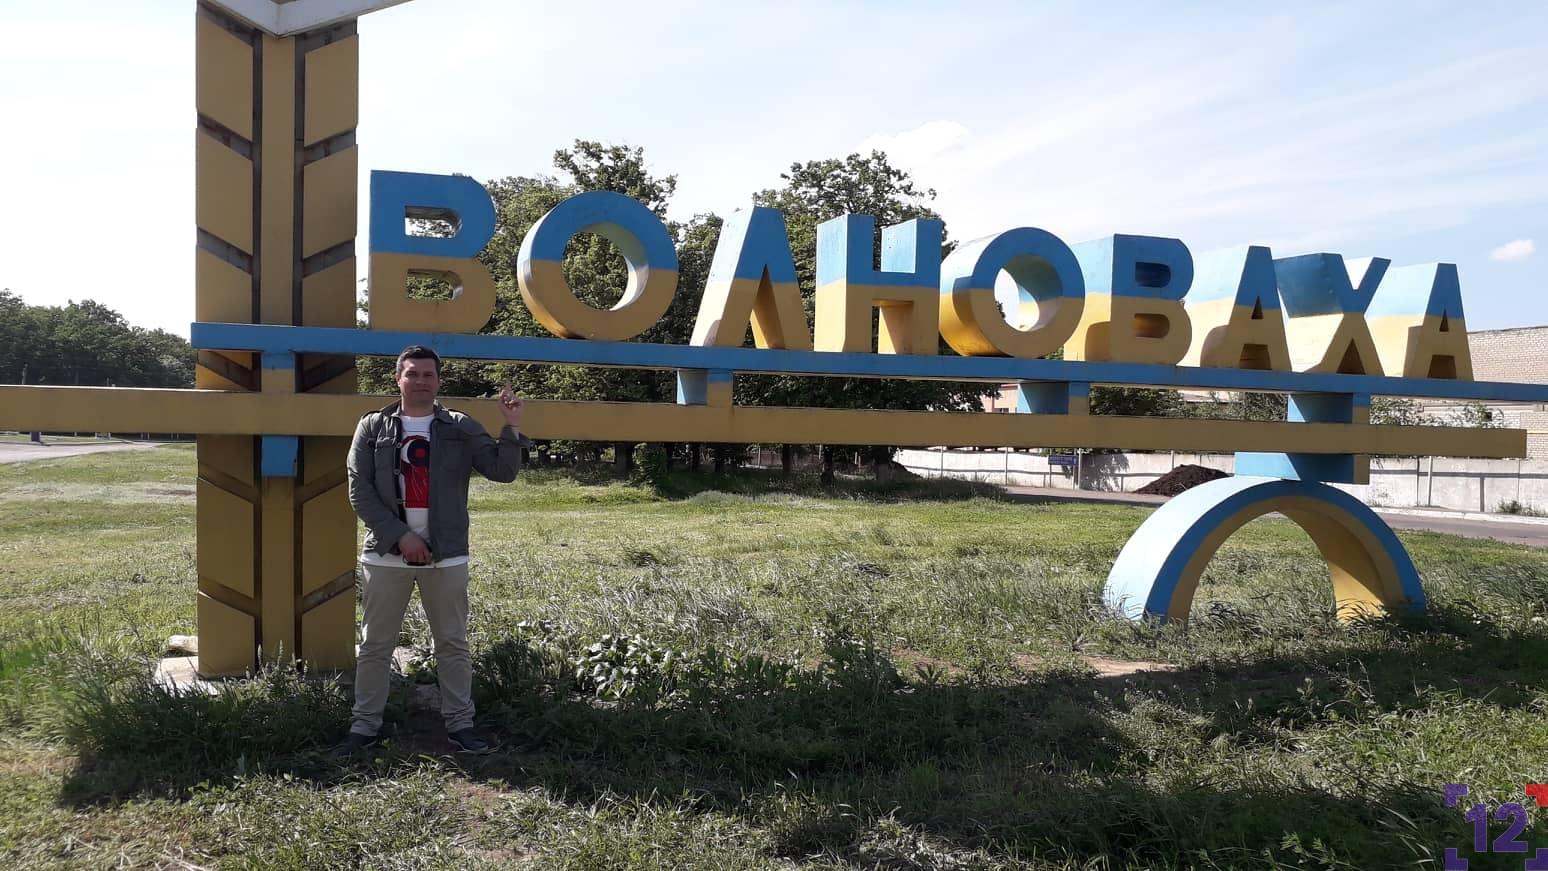 Волноваха: чим живе місто-побратим Луцька на півдні Донеччини